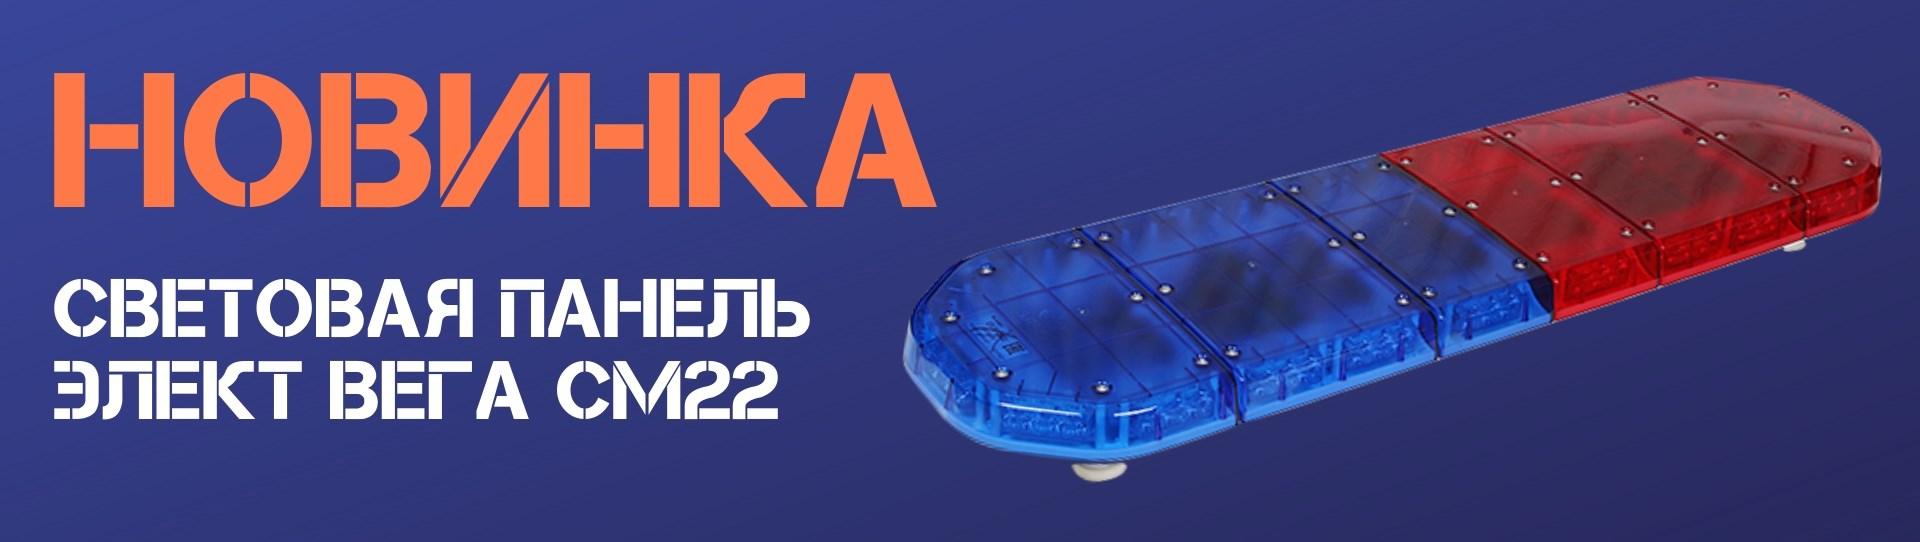 Элект-ВегаСМ22